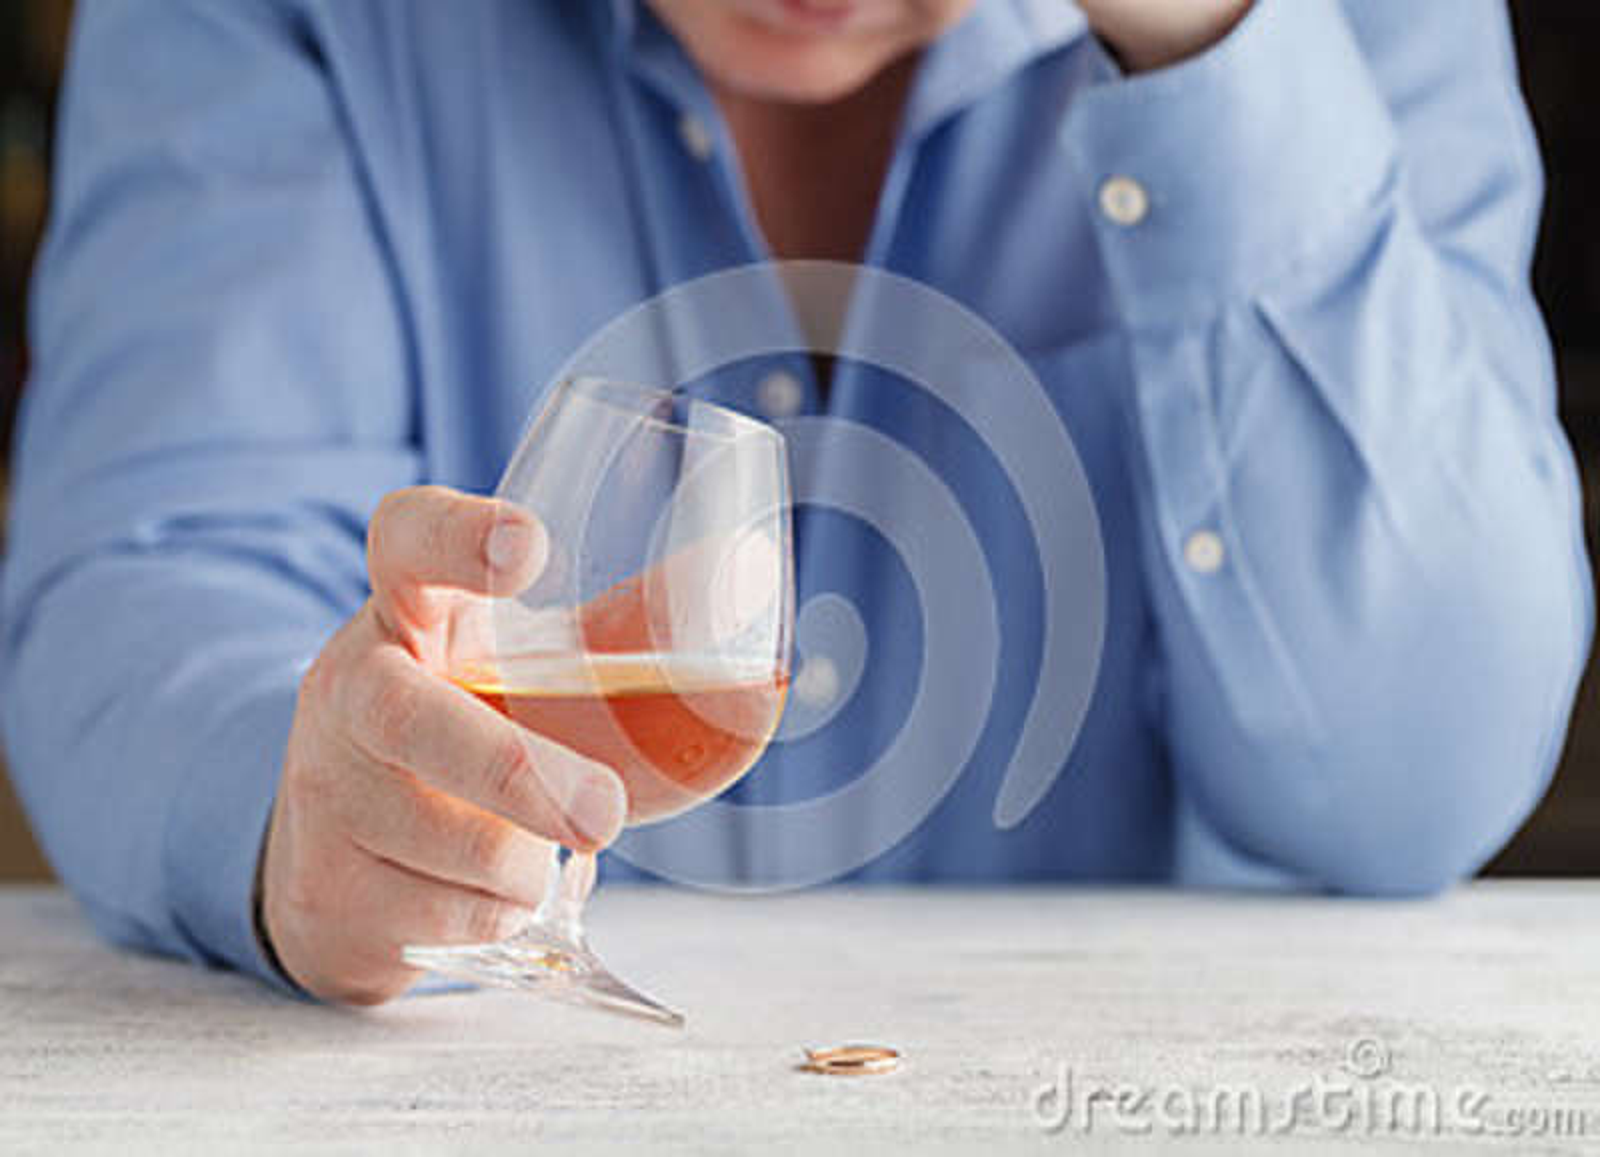 遭受酒精中毒饮用的威士忌酒的典雅的人